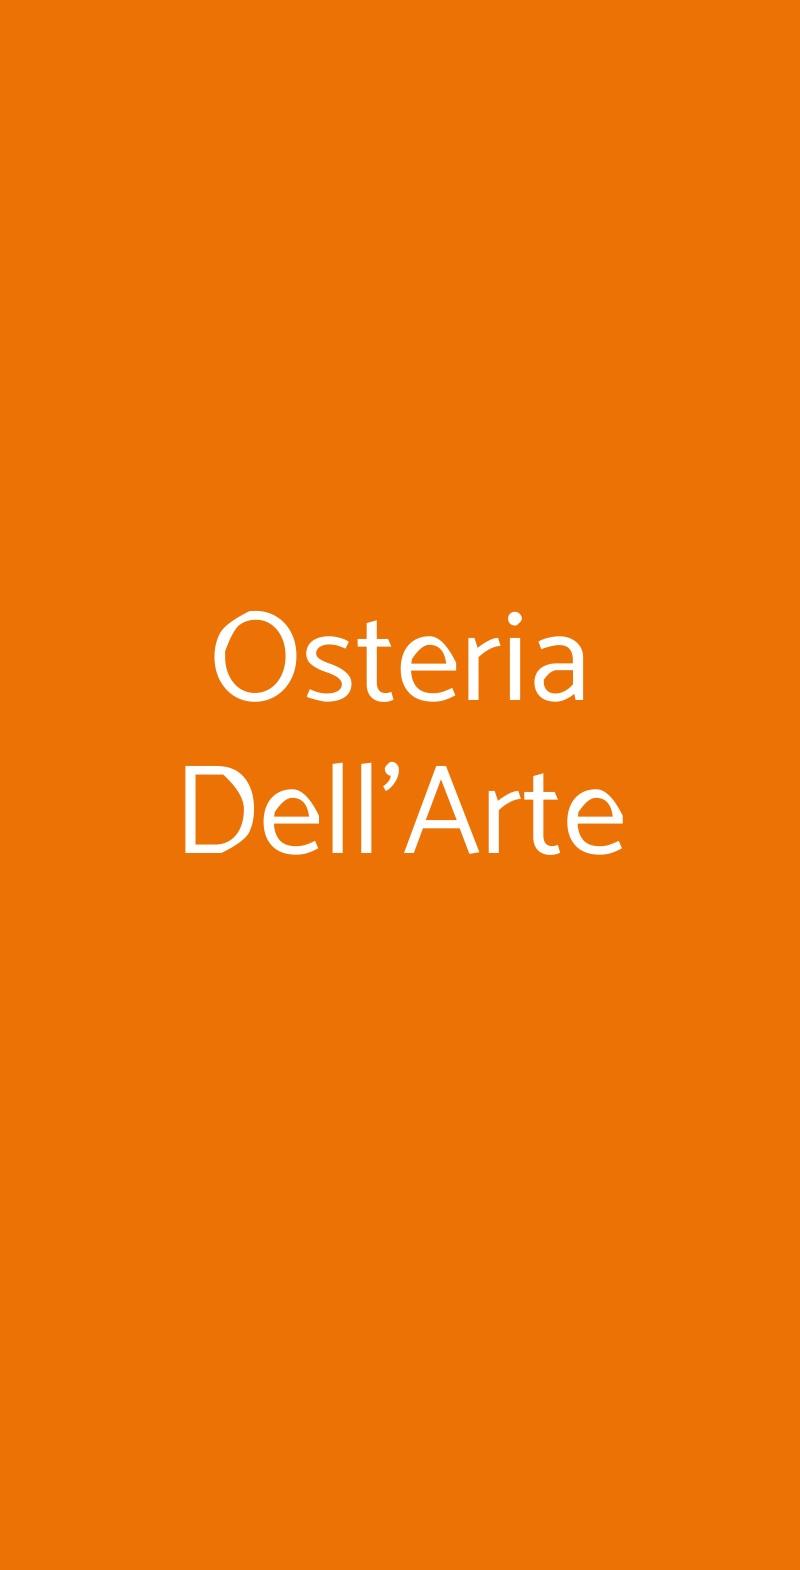 Osteria Dell'Arte Milano menù 1 pagina